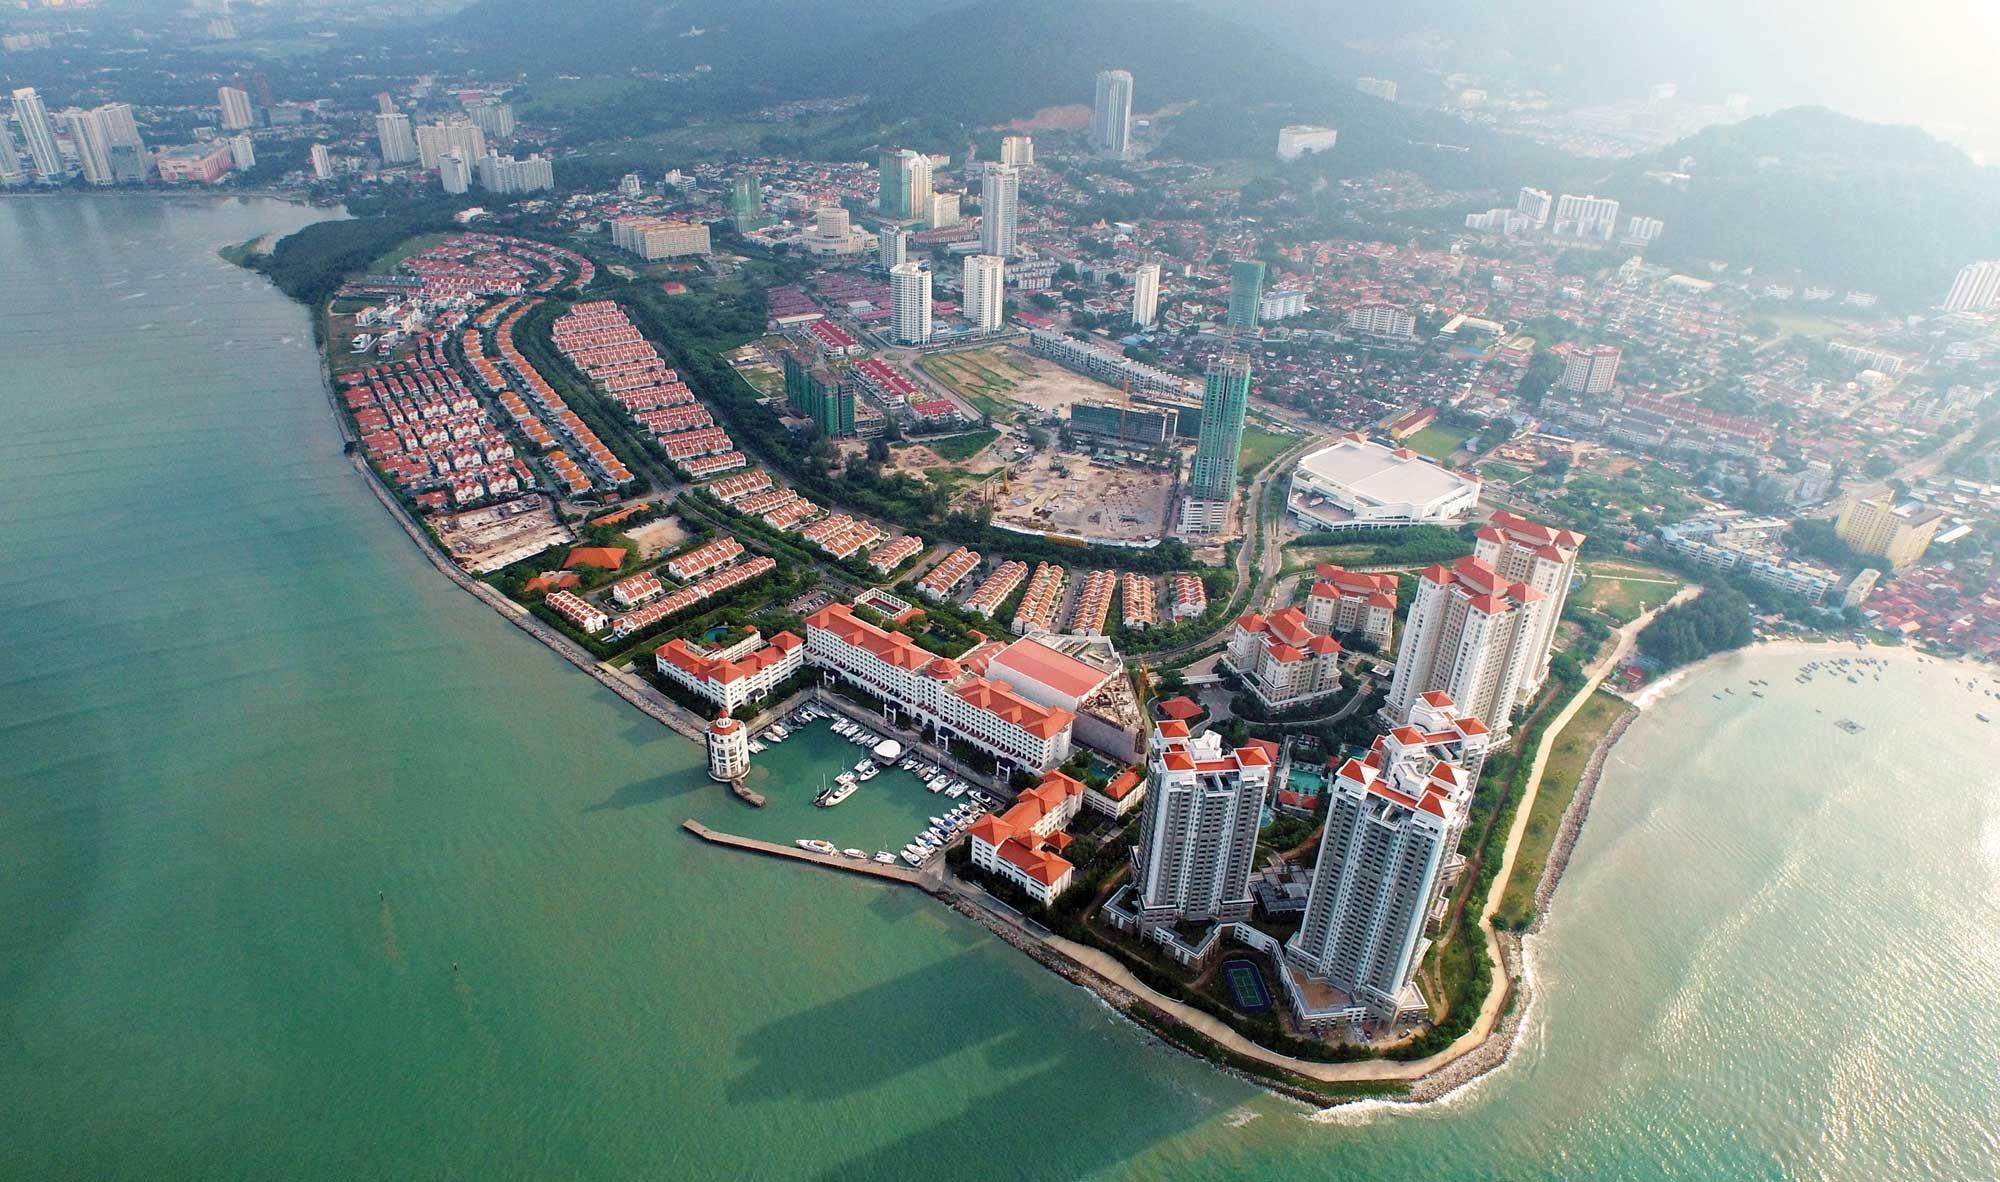 Tanjung pinang City